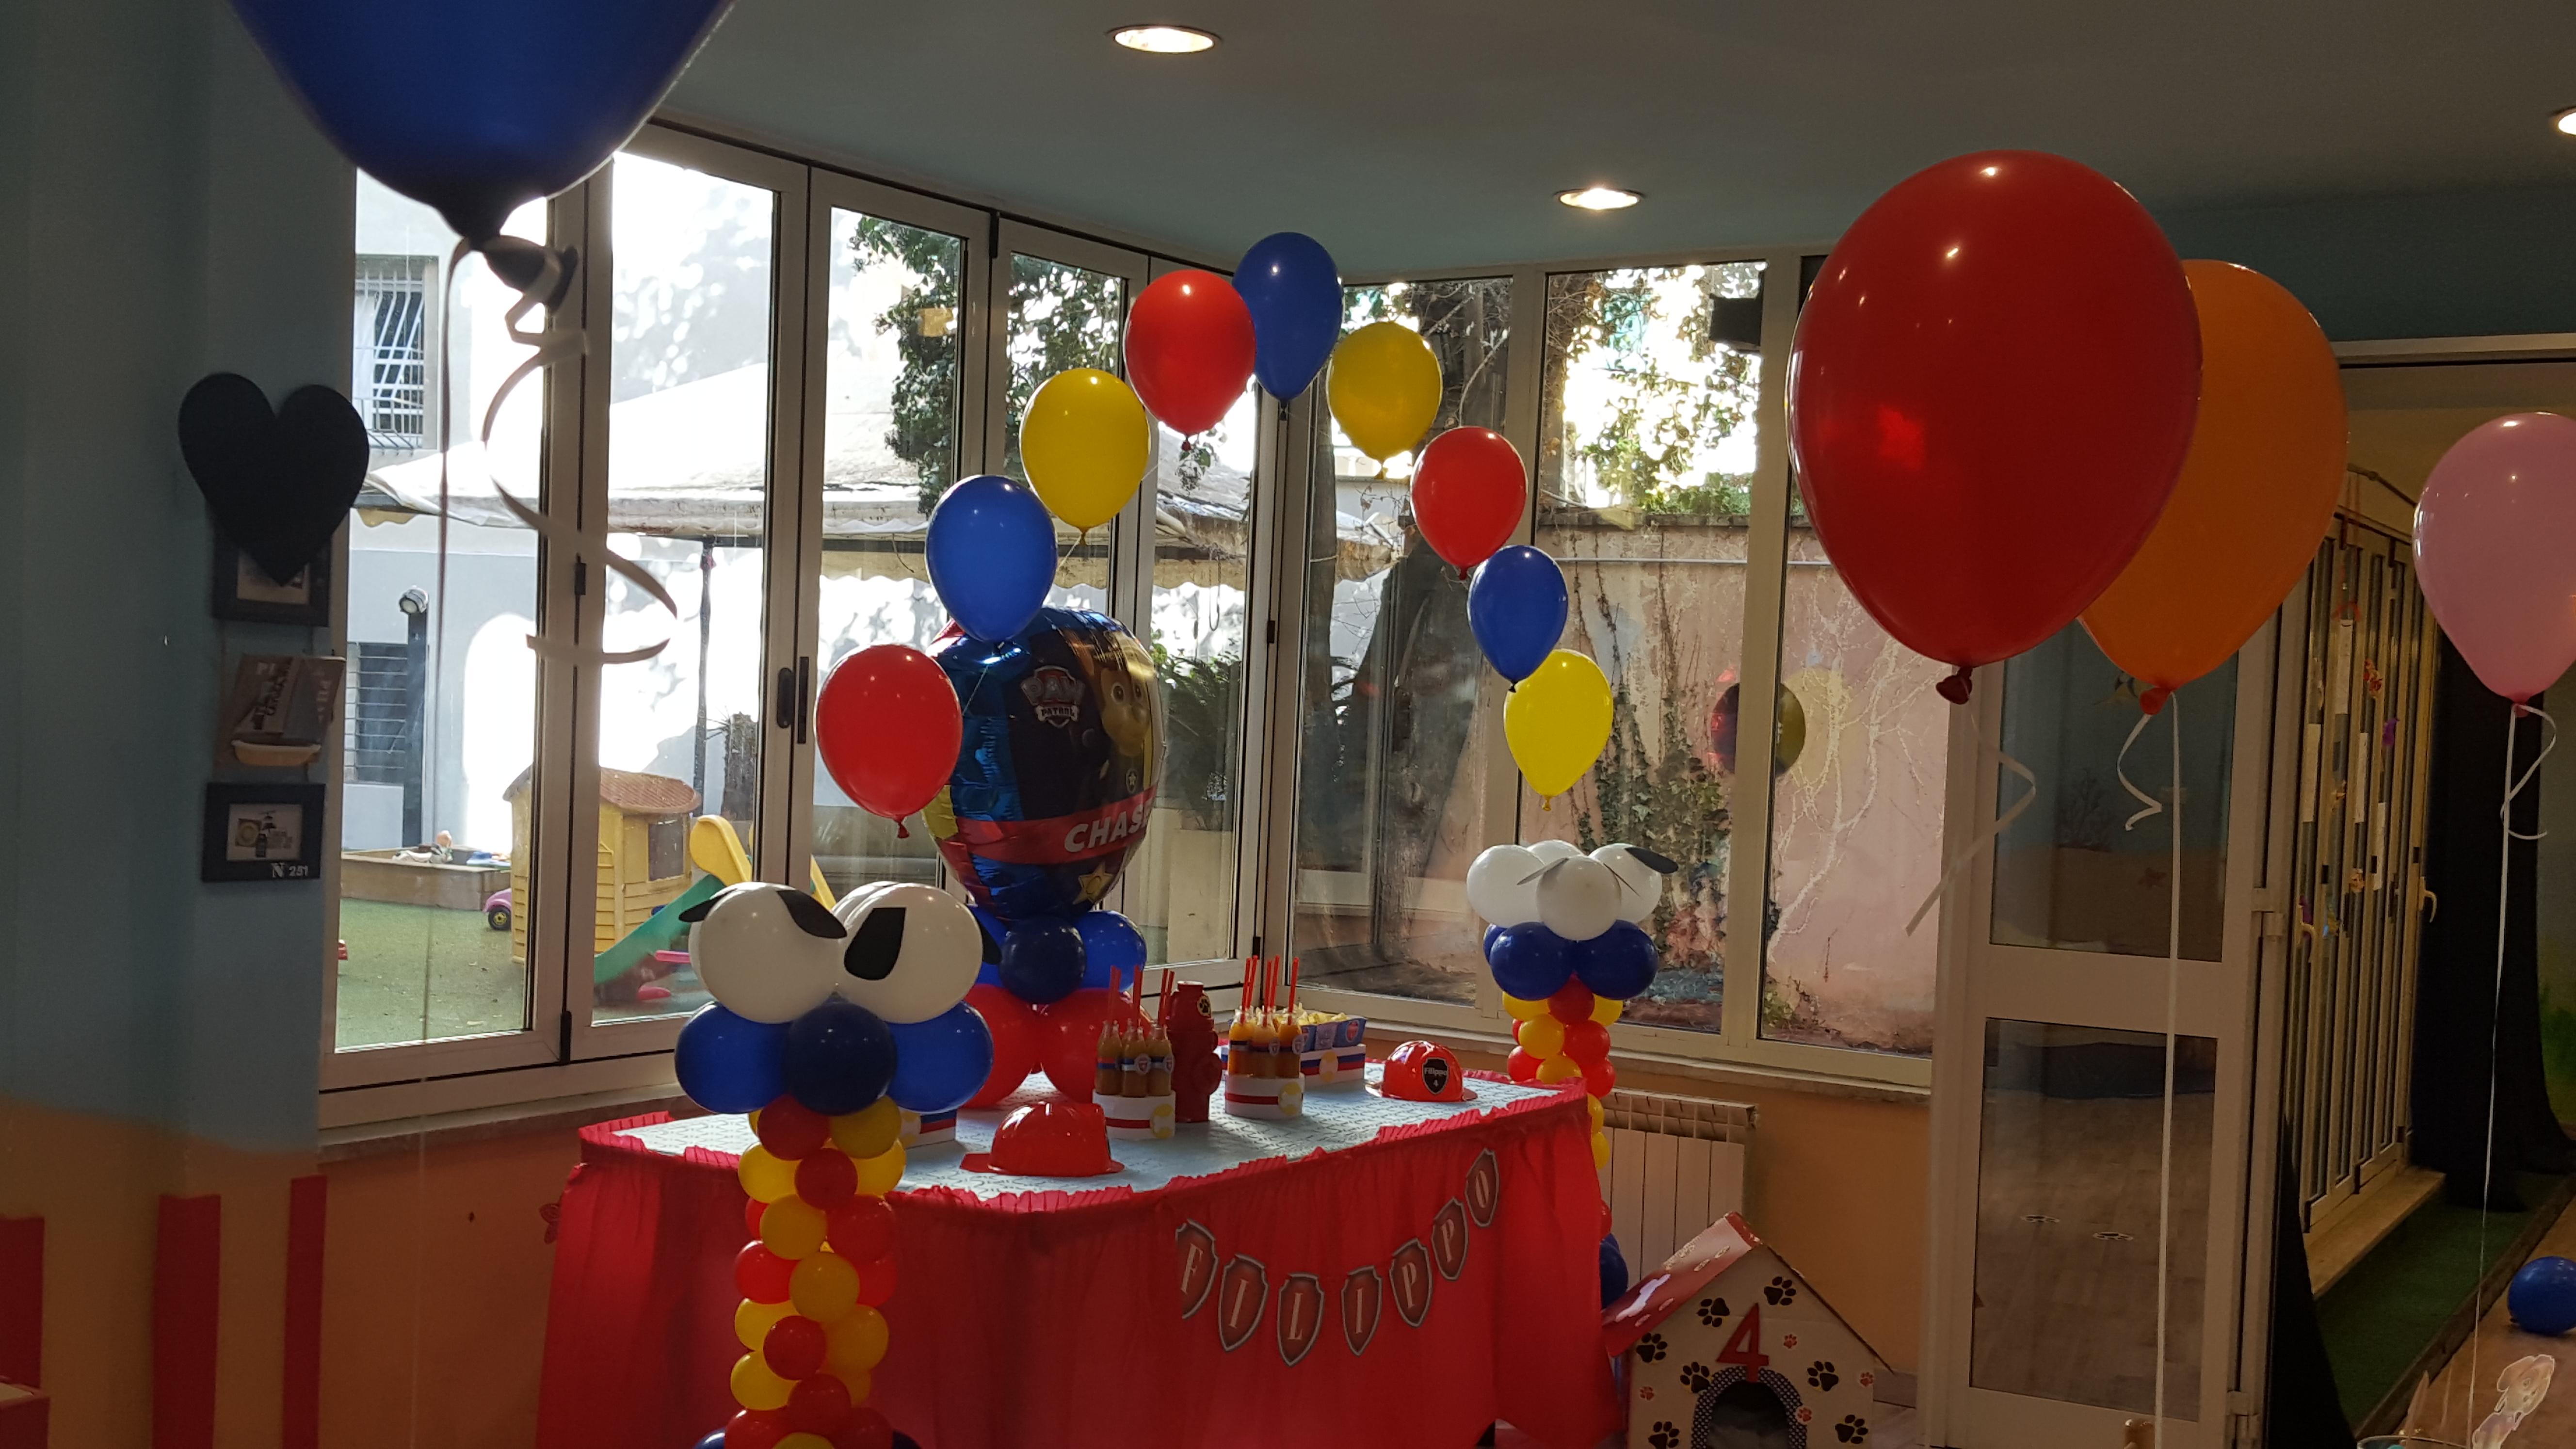 Decorazioni Per Feste Di Compleanno Roma : Paw party! festa a tema paw patrol ⋆ bolle eventi eventi